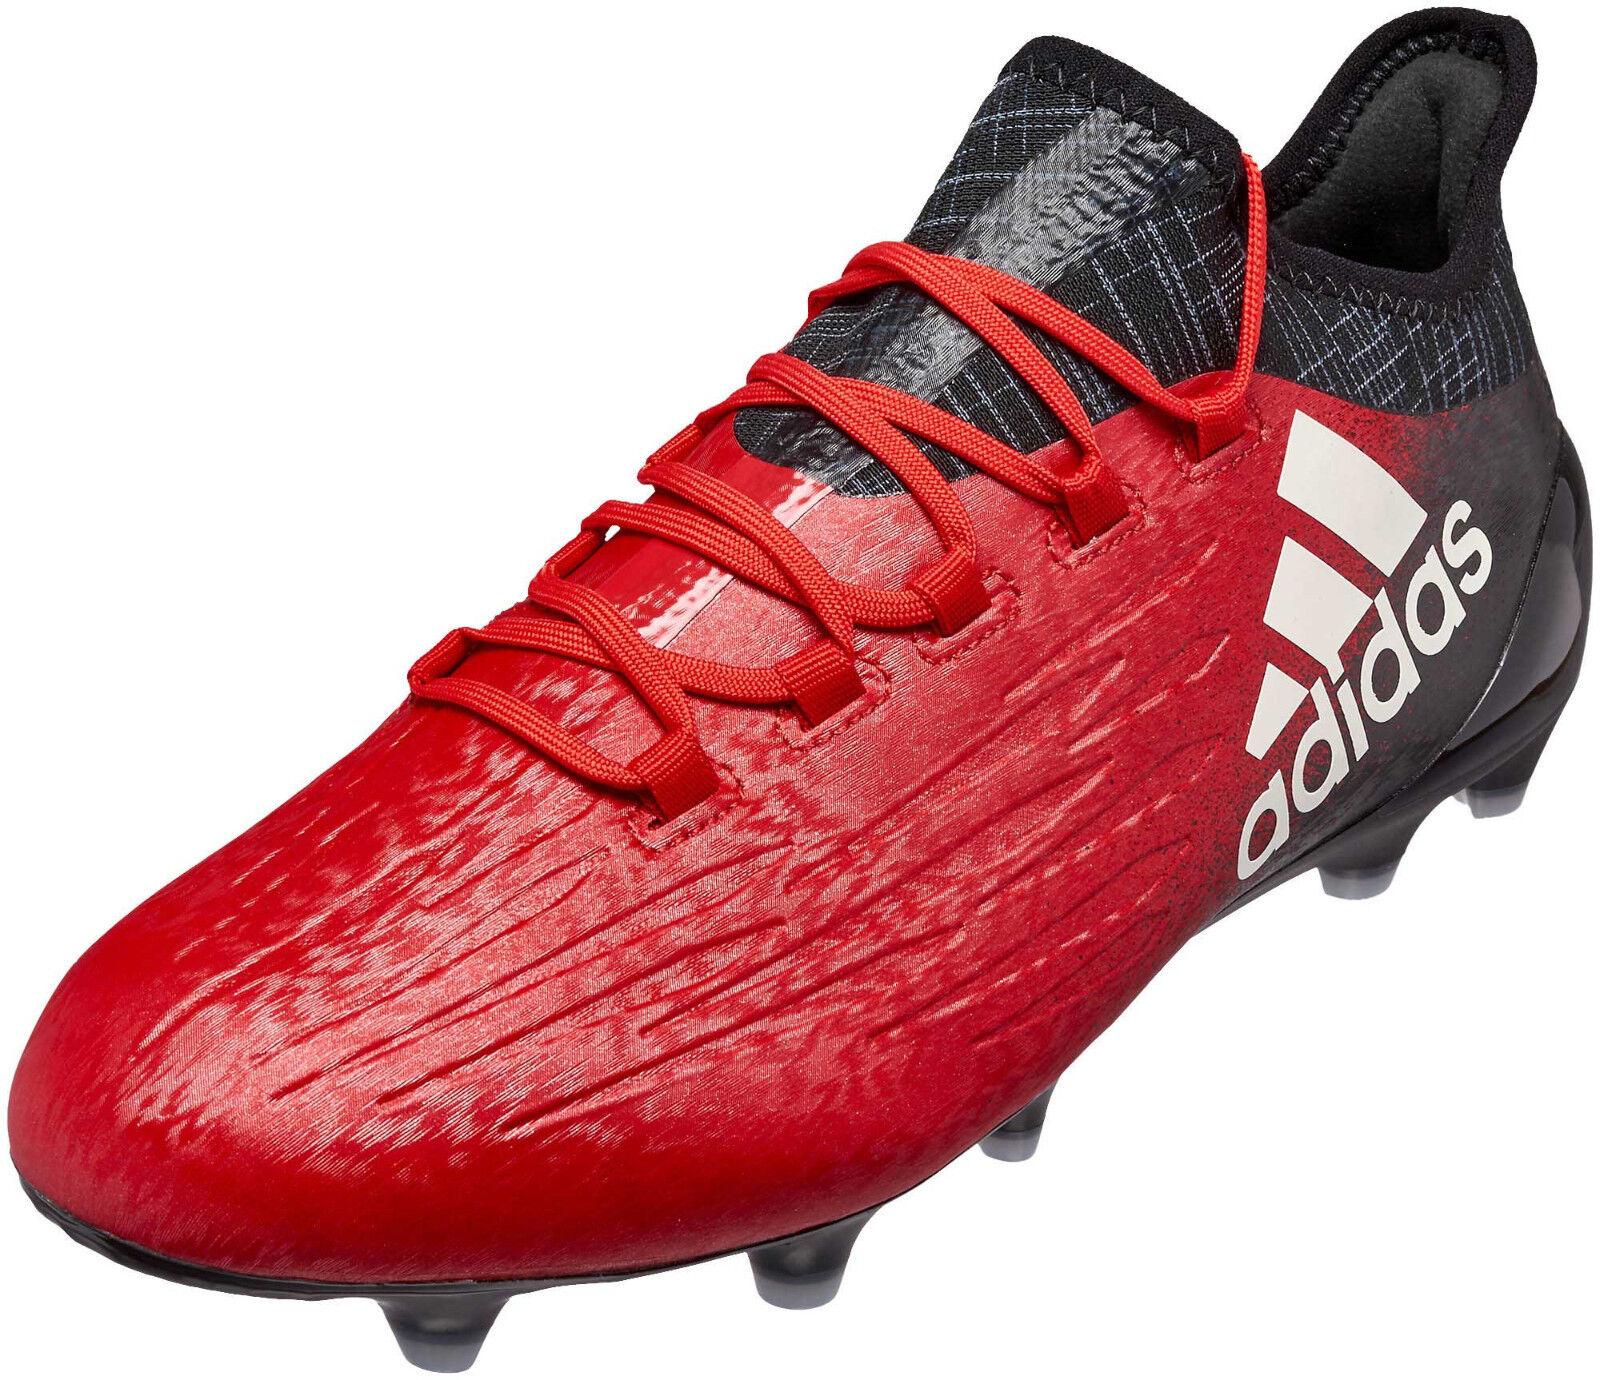 Adidas Hombres Zapatos botas De Fútbol X 16.1 Tierra Firme Botines De Fútbol Rojo Nuevo BB5618